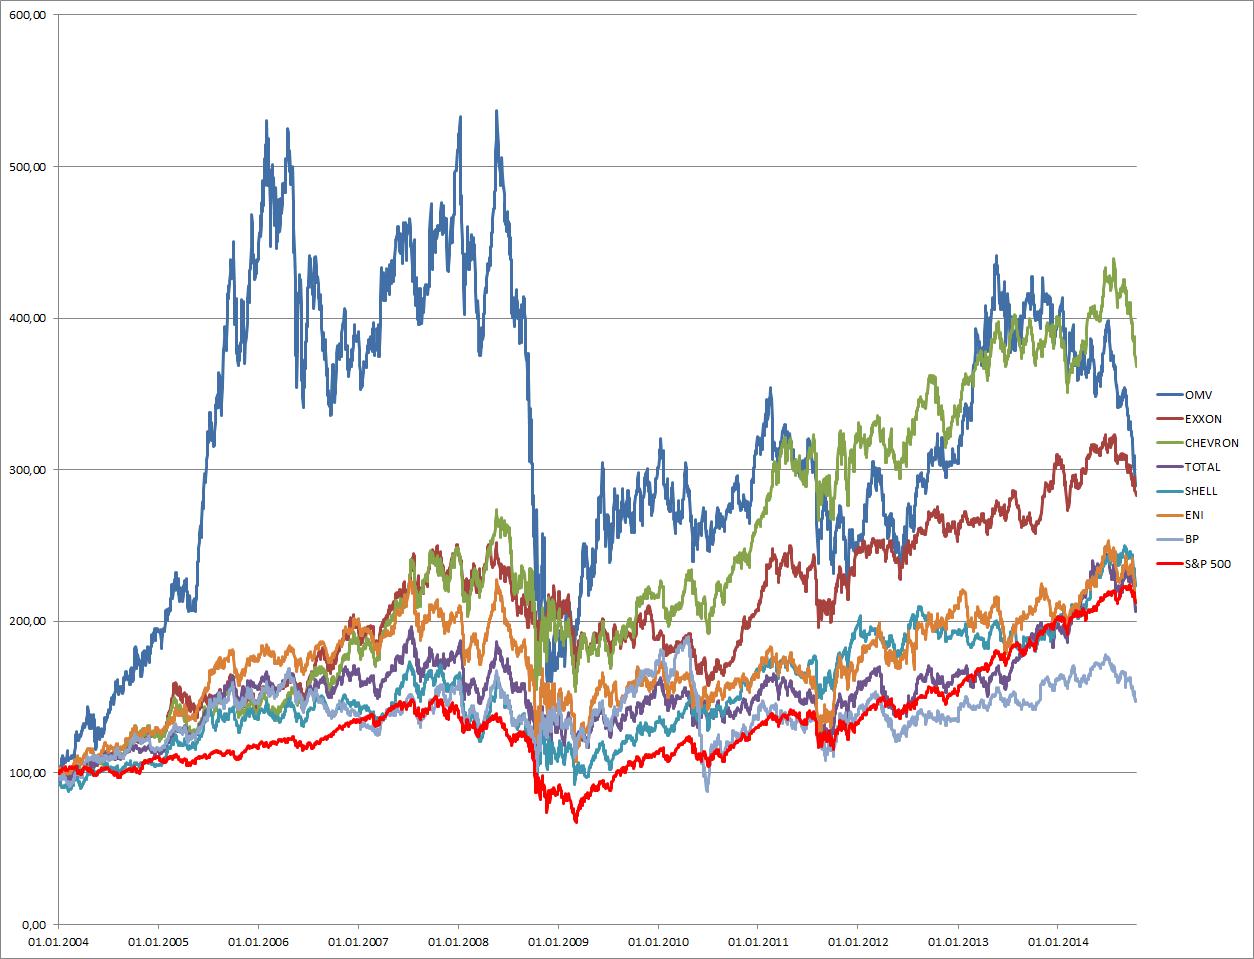 Der Verlauf der Aktienkurse der verglichenen Öl-Konzerne